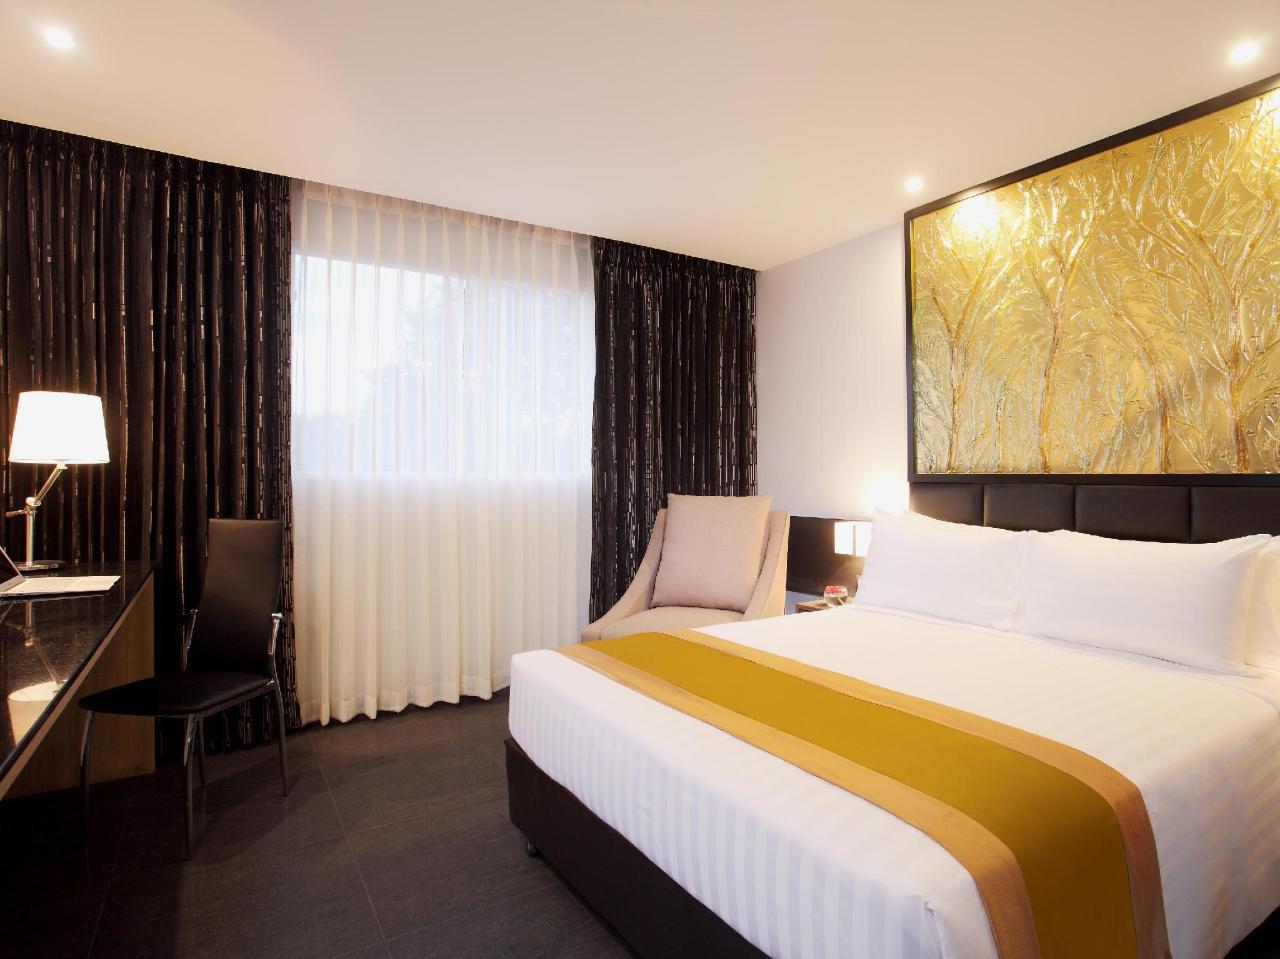 โรงแรมโนวา เอ็กซ์เพรส พัทยา (Nova Express Pattaya Hotel)